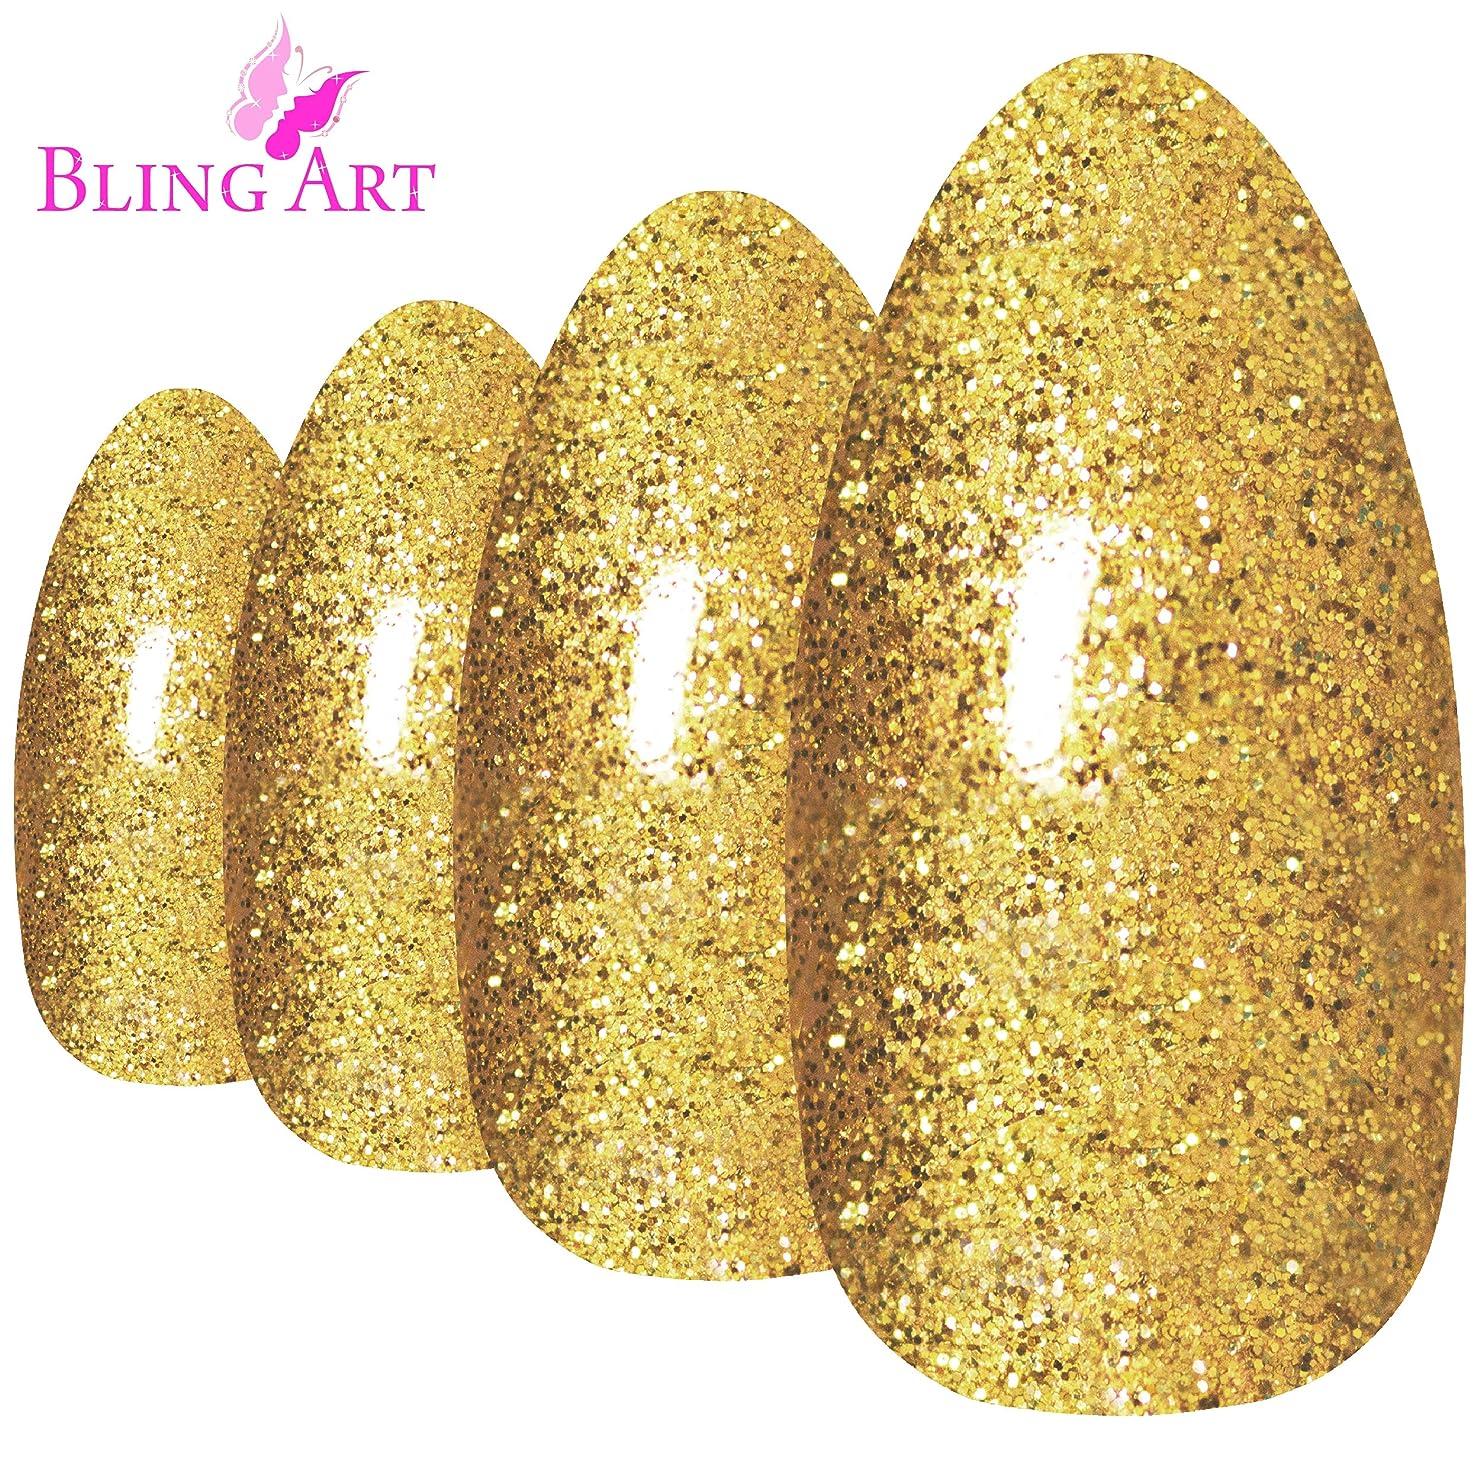 財政怠けた鬼ごっこBling Art Almond False Nails Fake Stiletto Gel Gold Glitter 24 Long Tips Glue